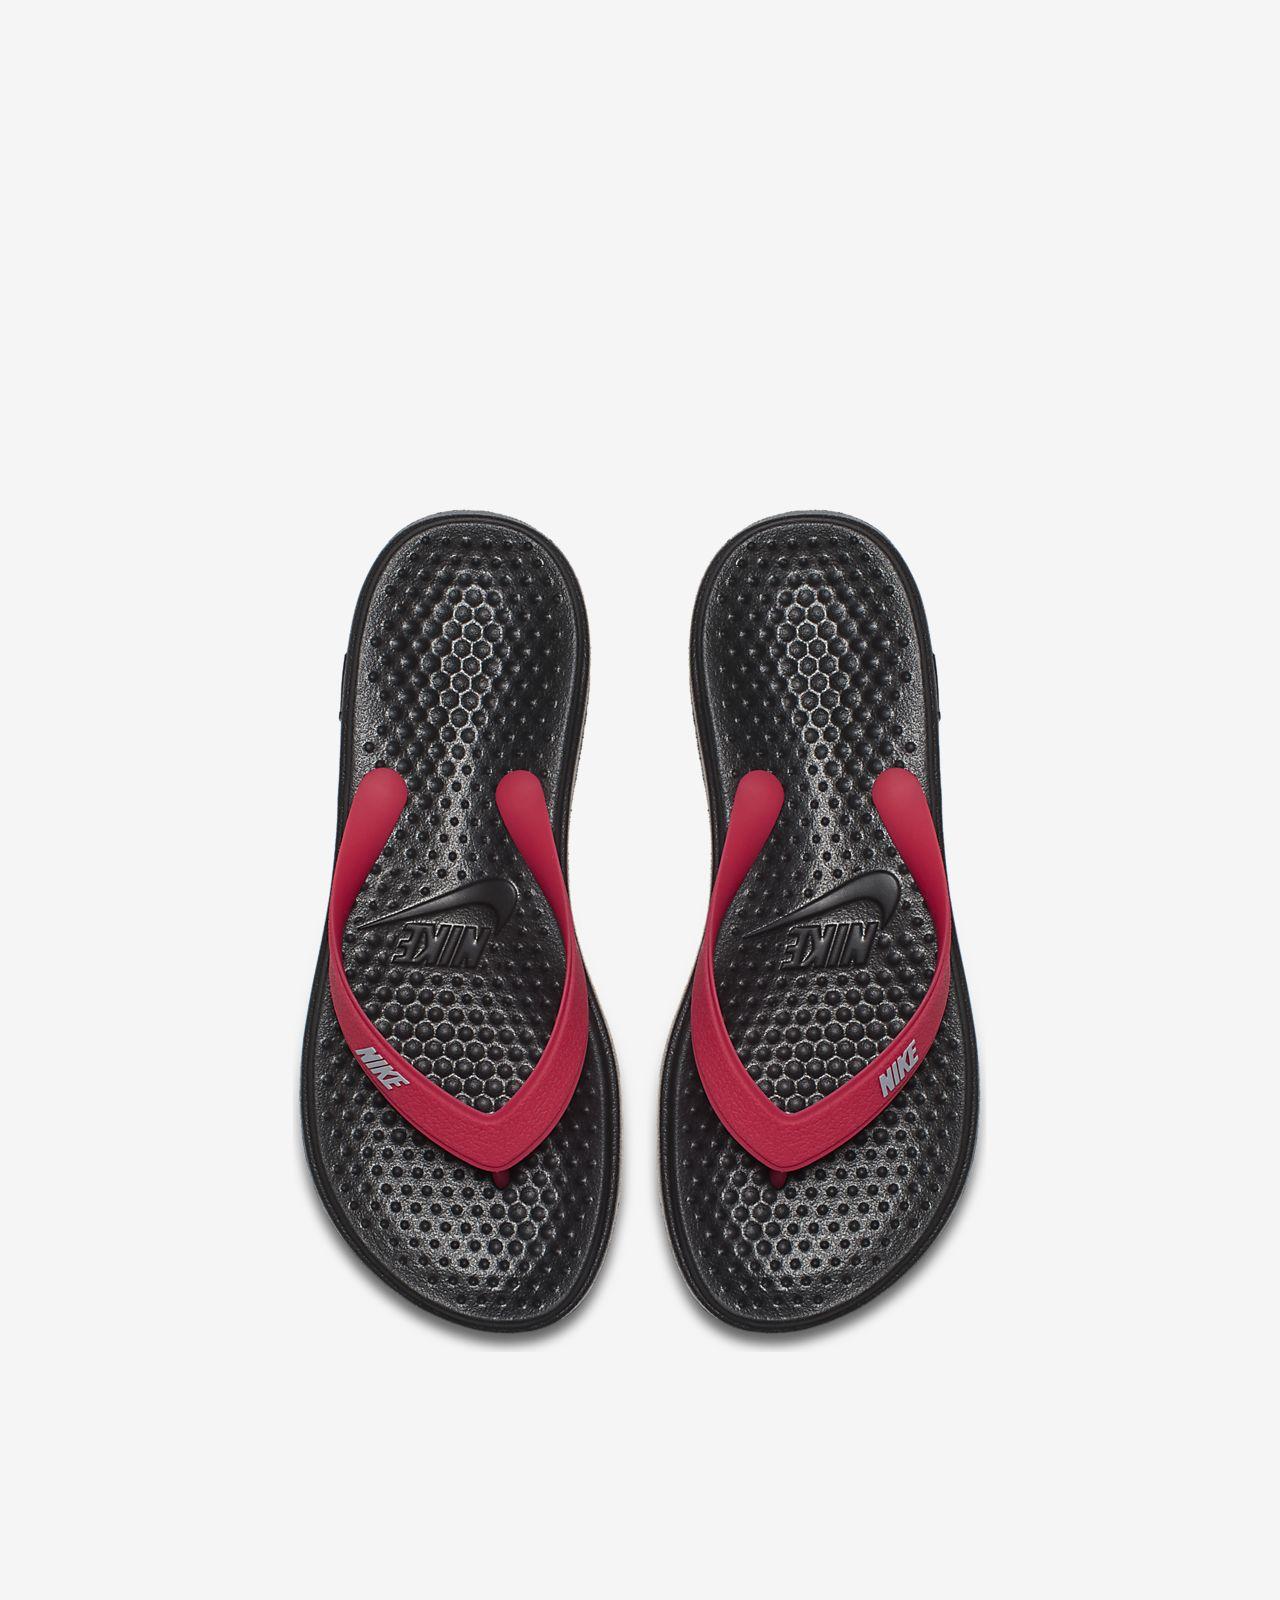 41e6ab228 Nike Solay Younger Older Kids  Flip-Flop. Nike.com AU